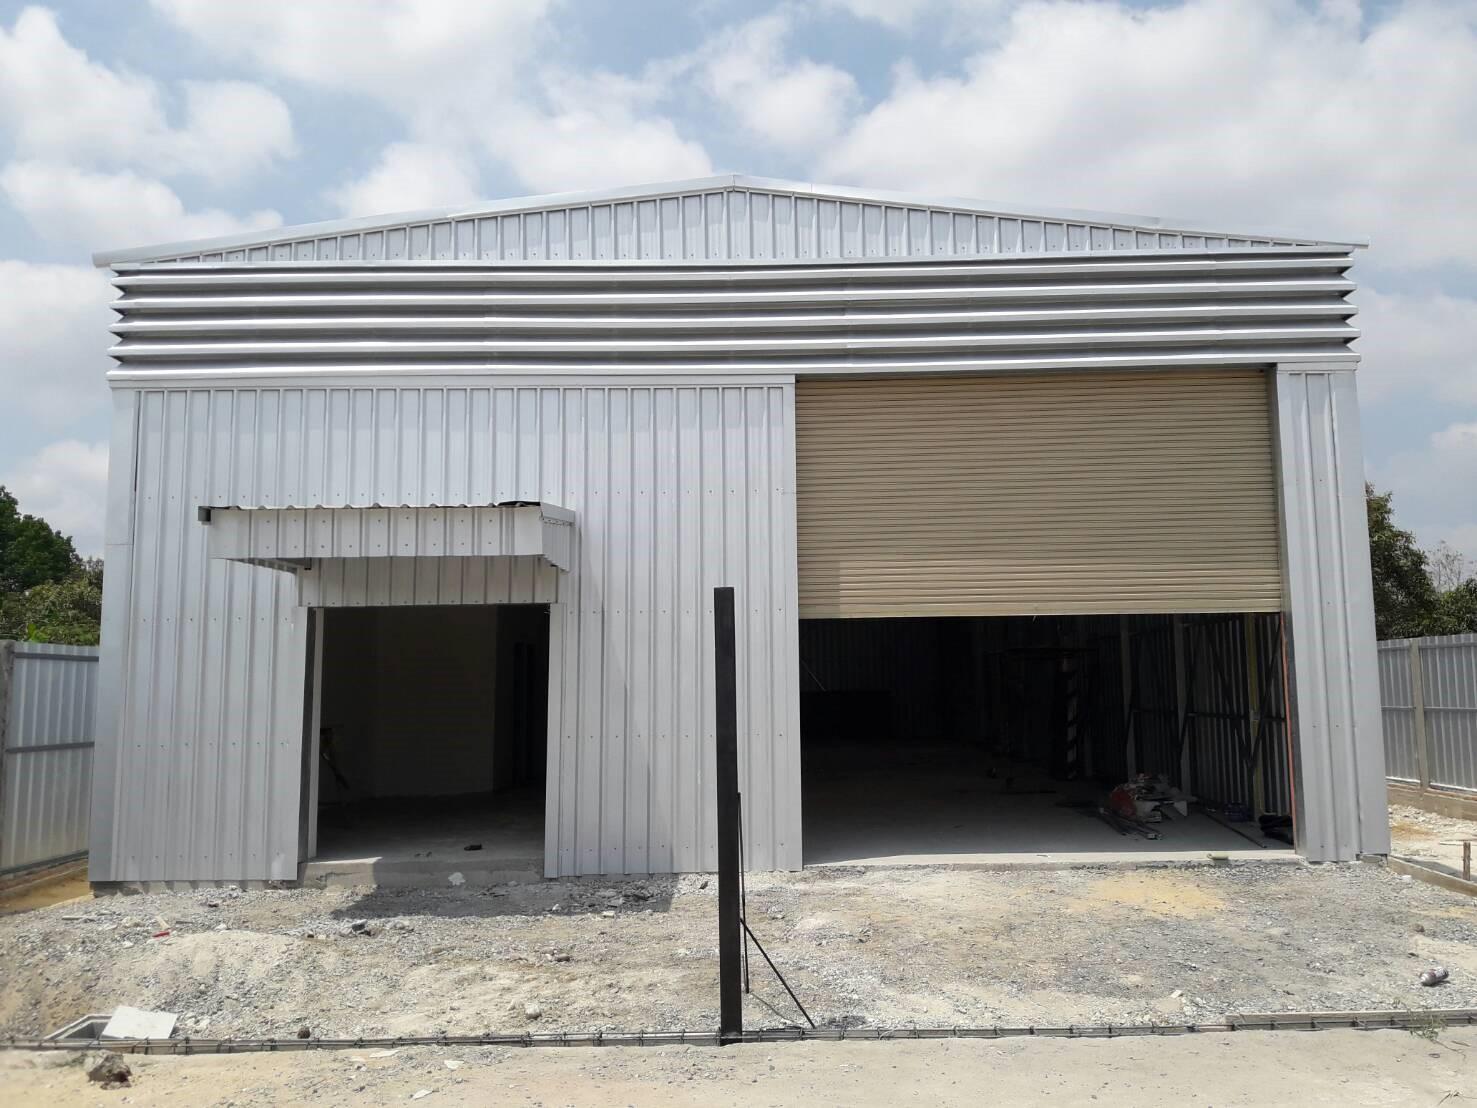 โกดังสำเร็จรูป HW-C ขนาด 10 x 22 x 5 เมตร, รับสร้างโกดัง โรงงาน คลังสินค้า